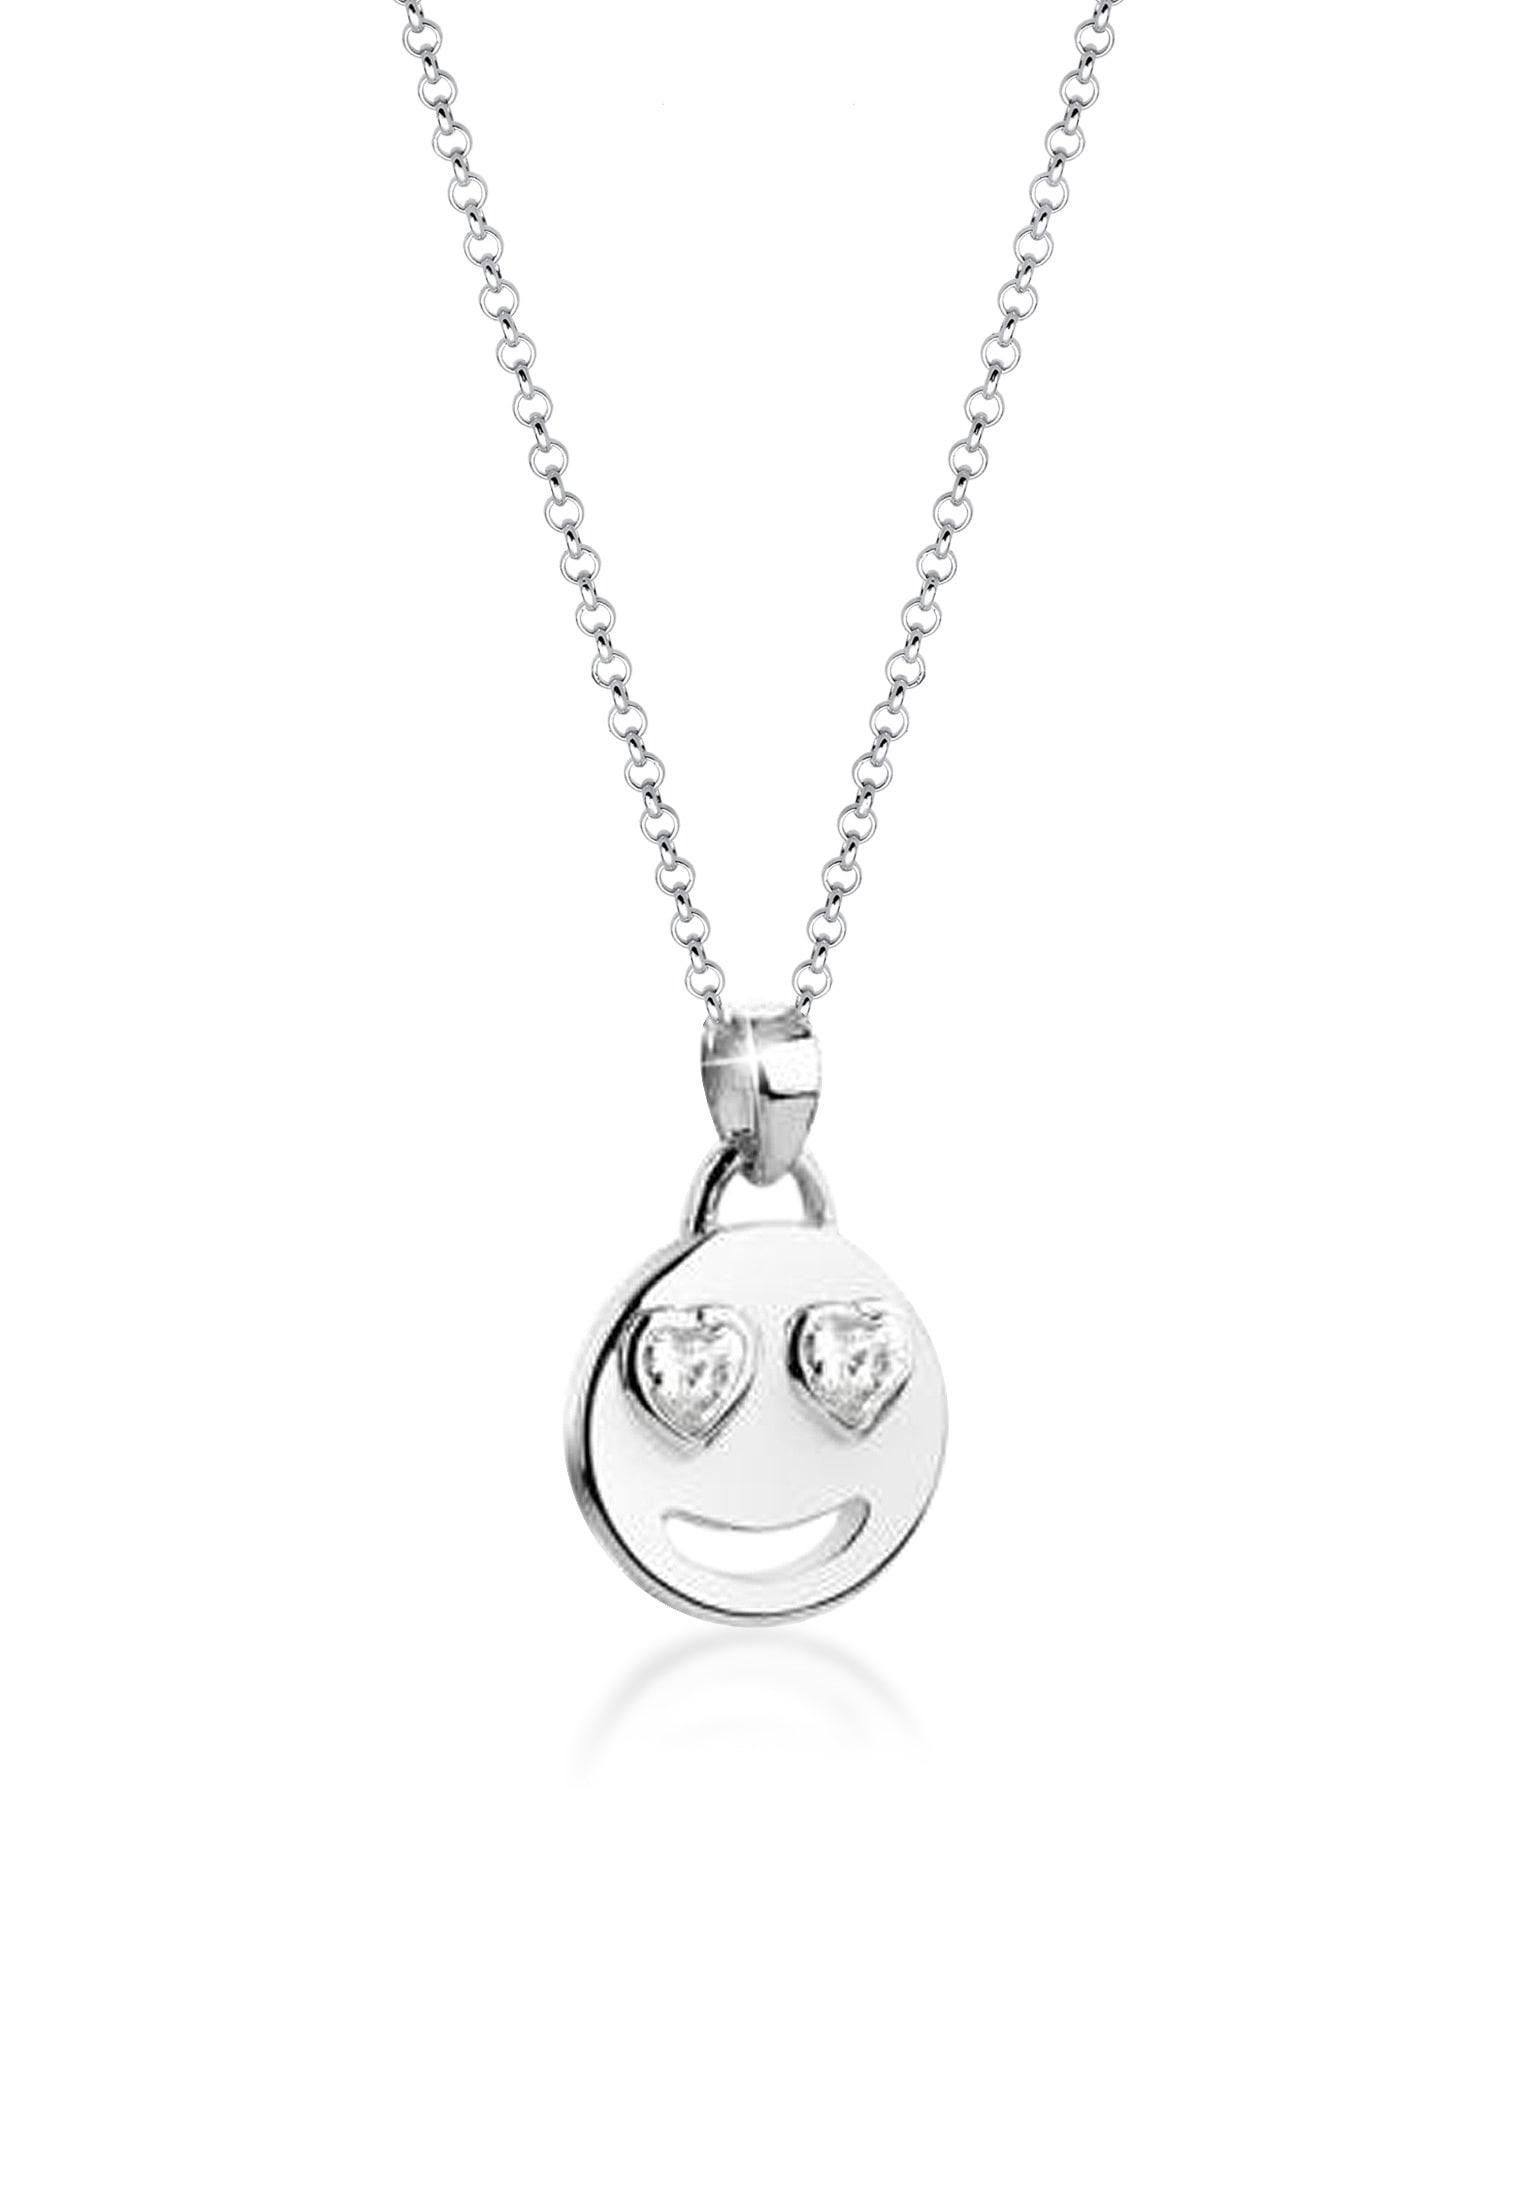 Nenalina Collierkettchen »Emoji Anhänger Zirkonia Kristalle Herz 925 Silber« | Schmuck > Halsketten > Herzketten | NENALINA